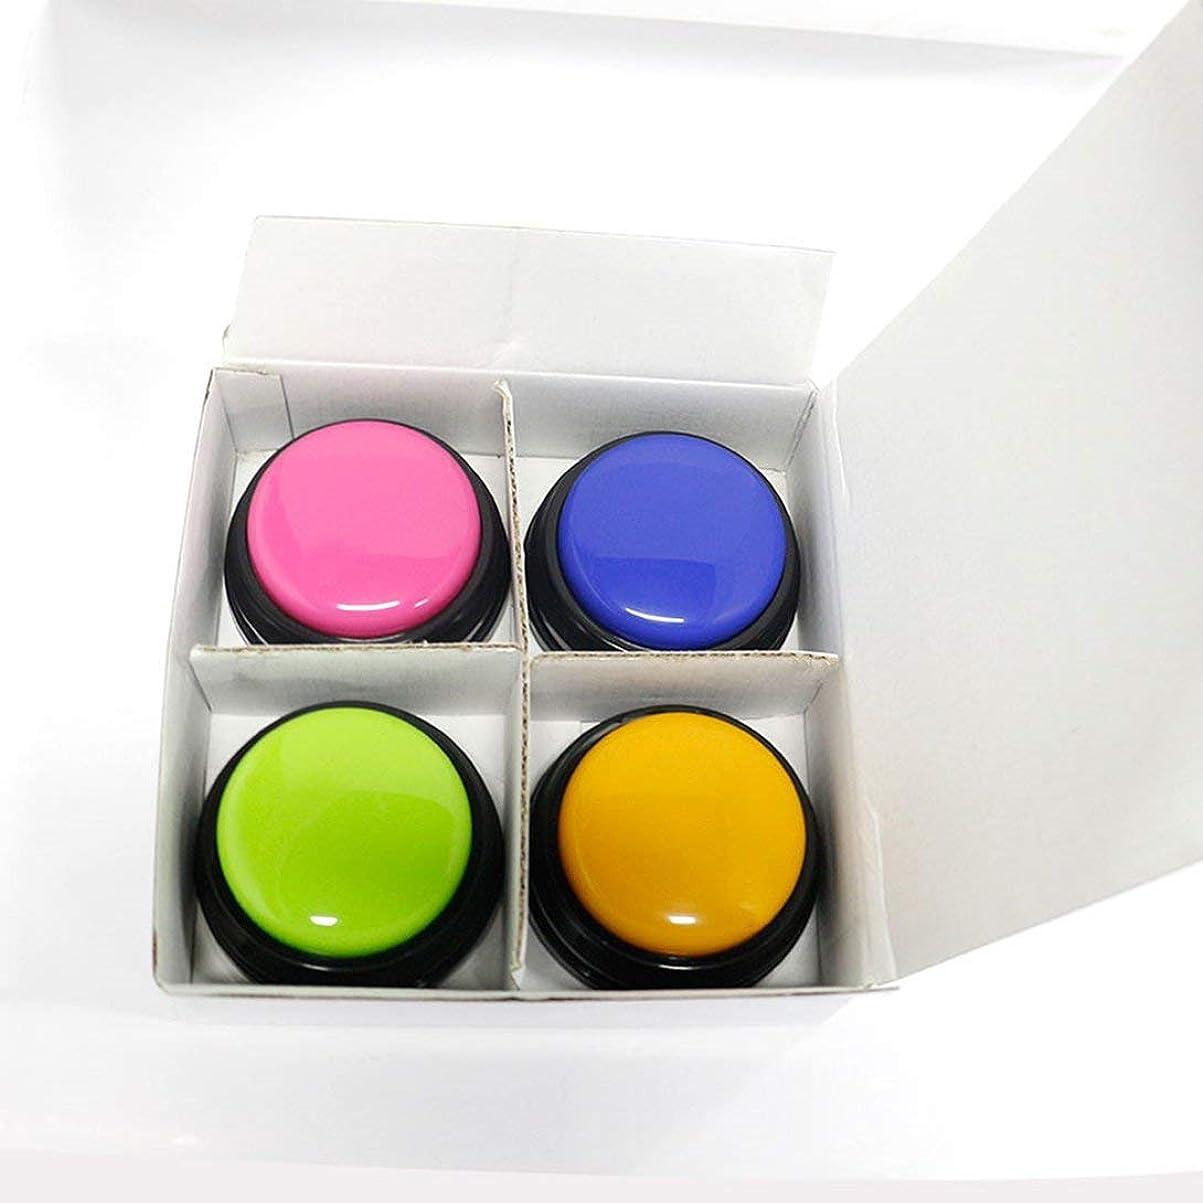 駅贅沢な一掃するSwiftgood 子供のための4PCSスクイーズオルゴールボイスレコーディングサウンドボタンインタラクティブ玩具